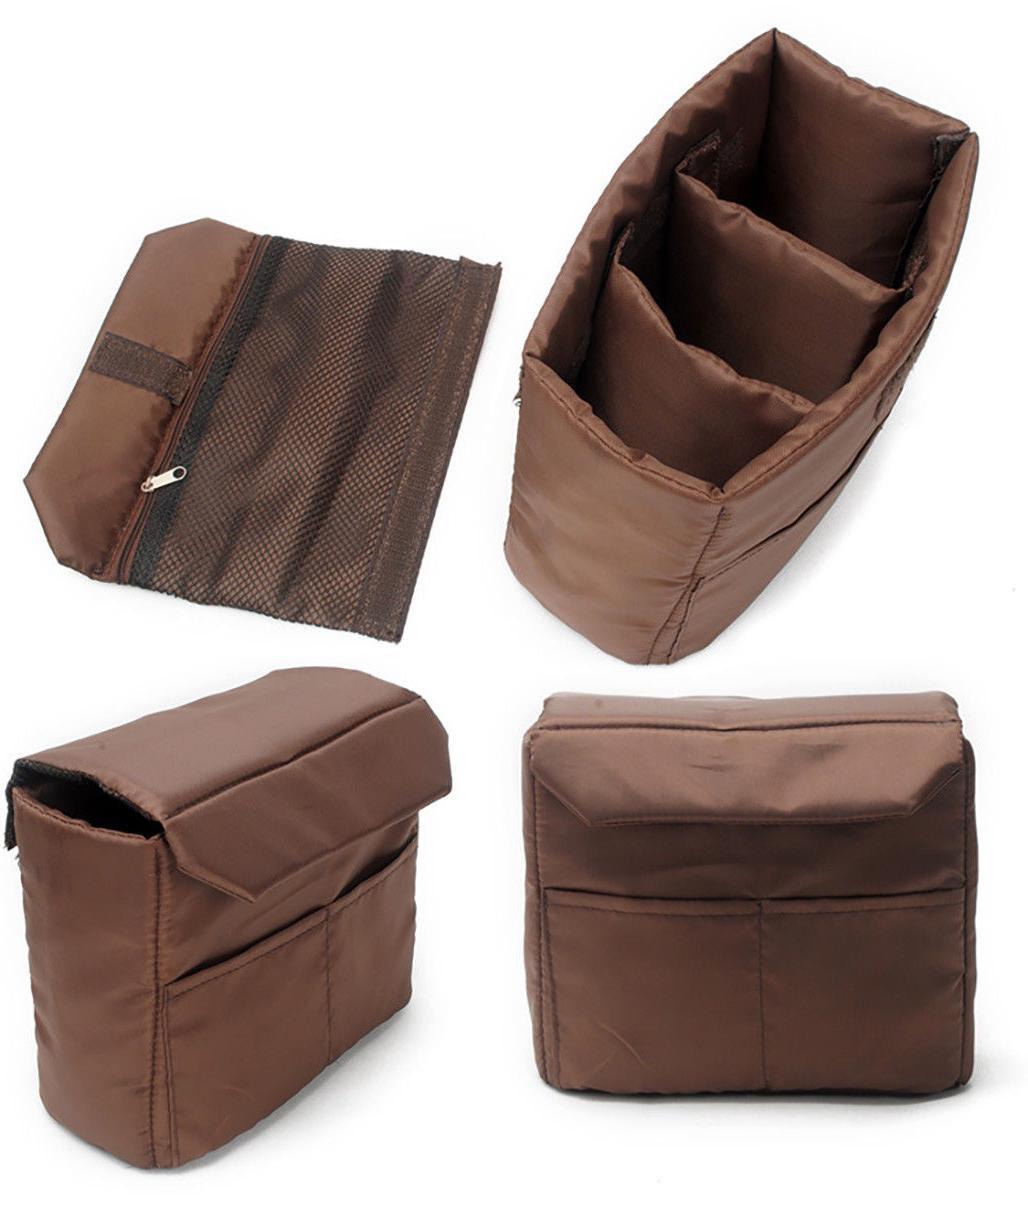 Padded DSLR Insert Case Laptop Liner Inner Bag Soft Shockproof